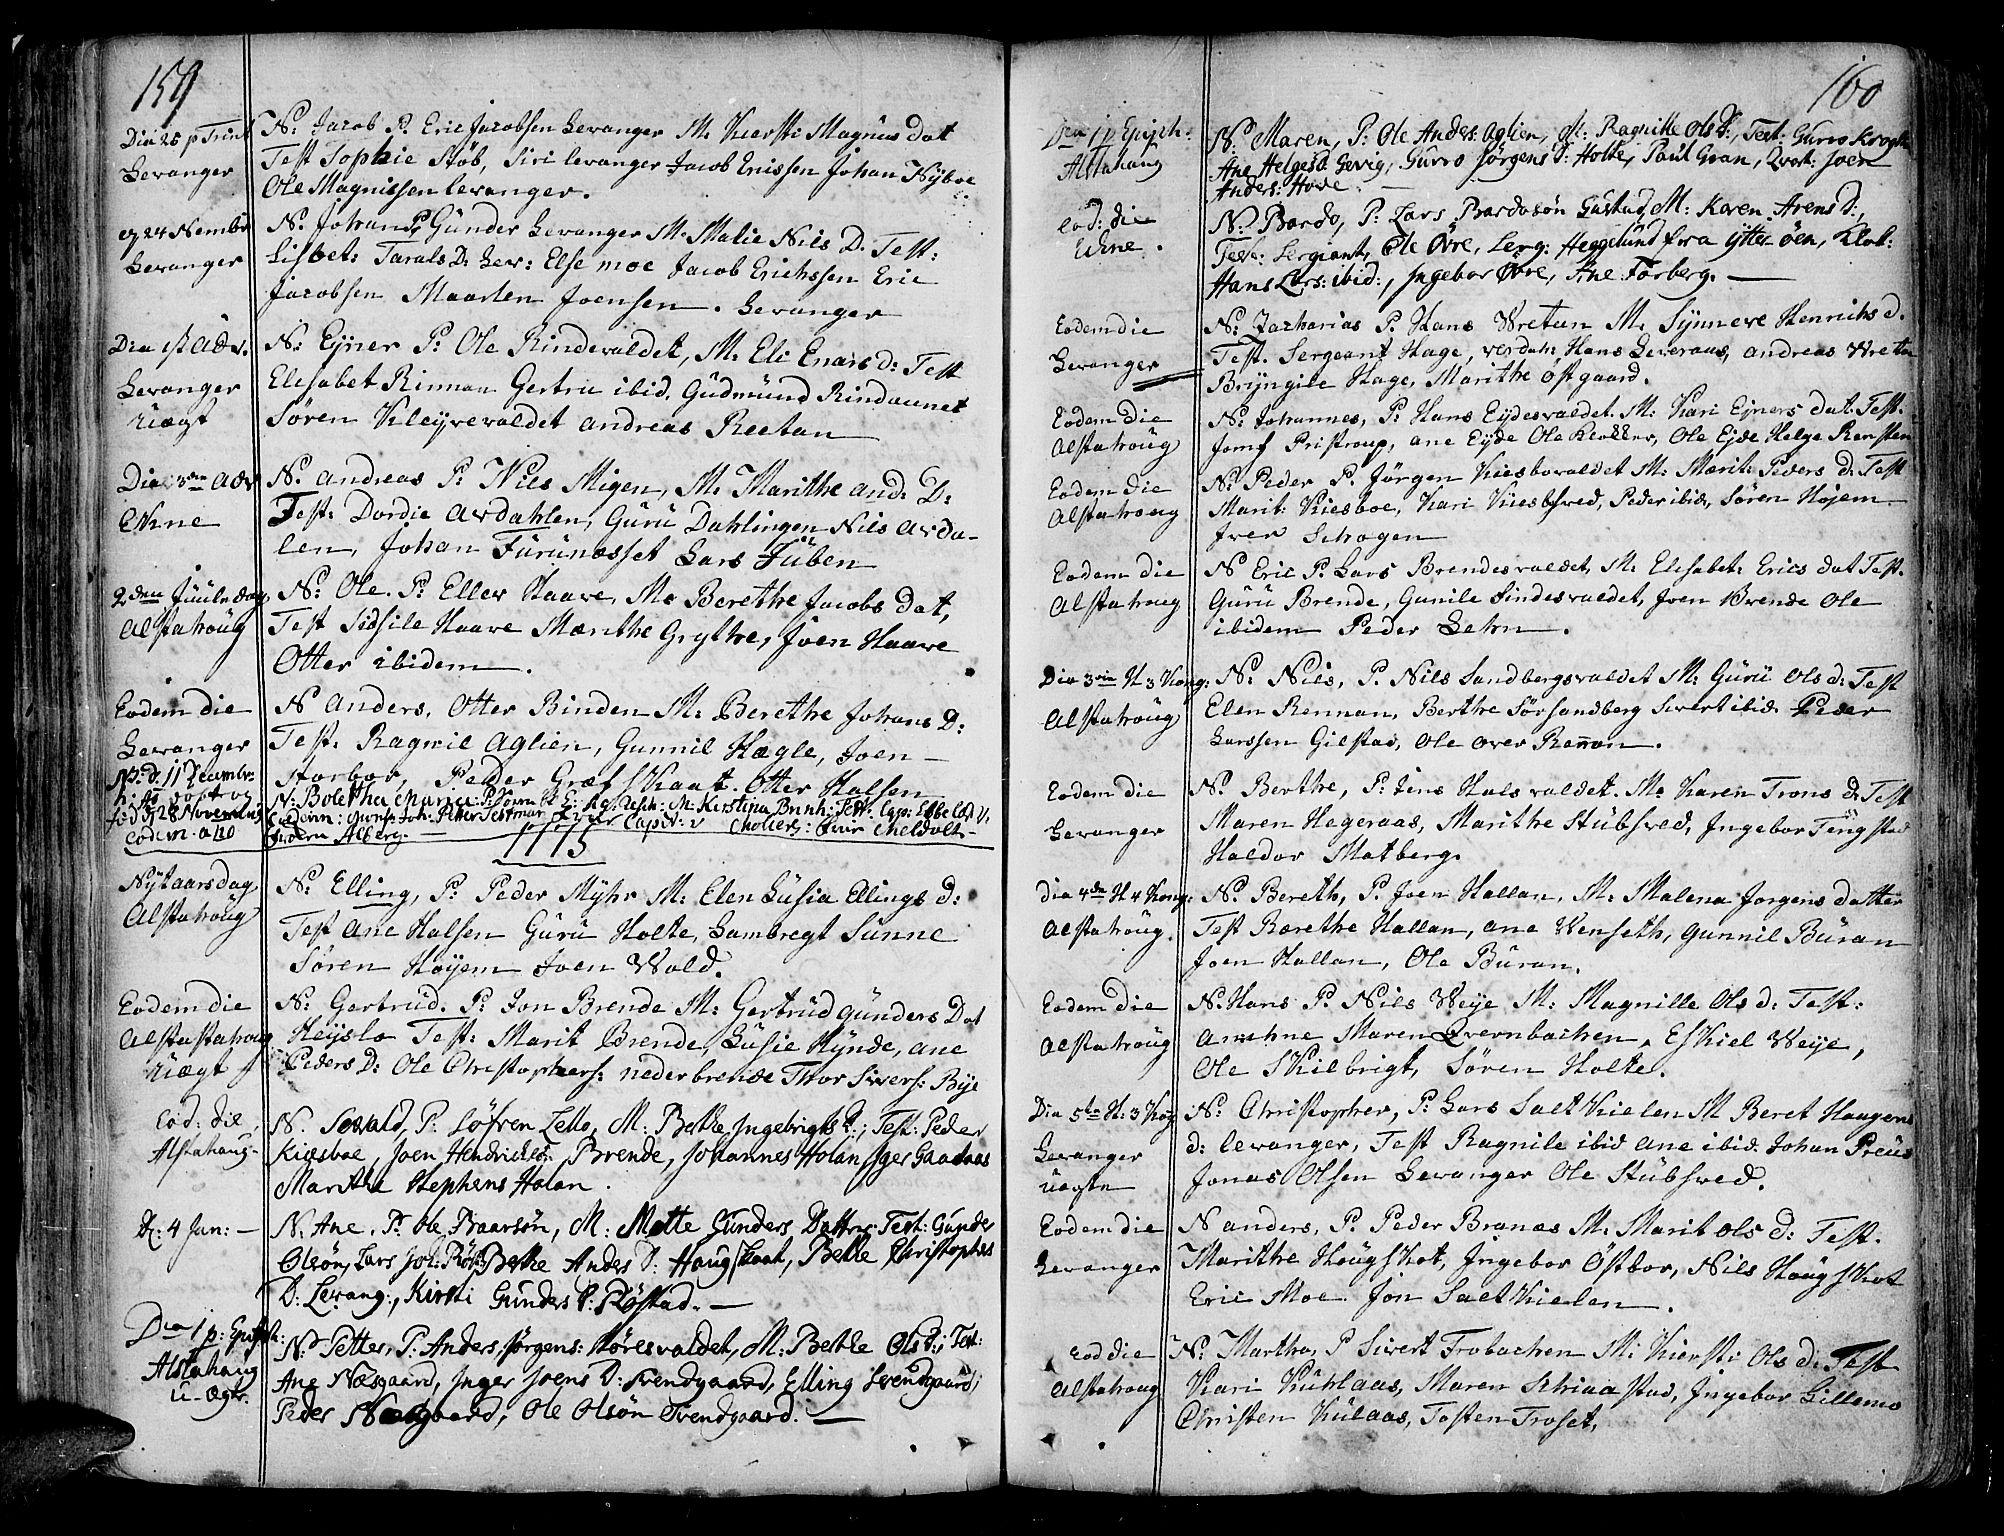 SAT, Ministerialprotokoller, klokkerbøker og fødselsregistre - Nord-Trøndelag, 717/L0141: Ministerialbok nr. 717A01, 1747-1803, s. 159-160